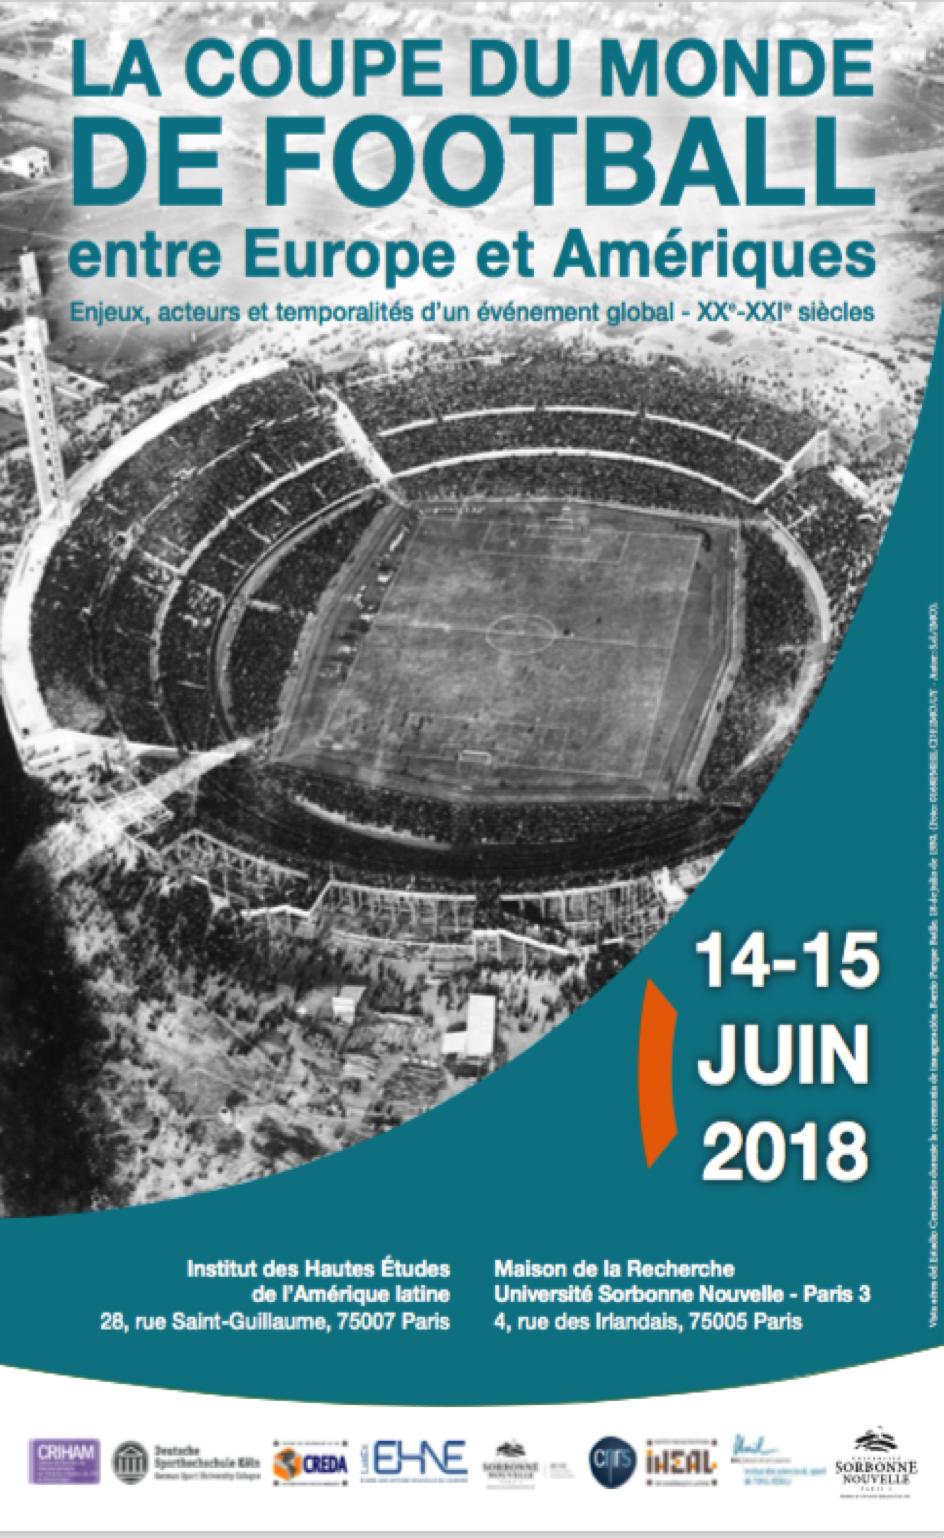 La Coupe du monde de football entre Europe et Amériques @ Institut des Hautes Etudes de l'Amérique Latine | Paris | Île-de-France | France